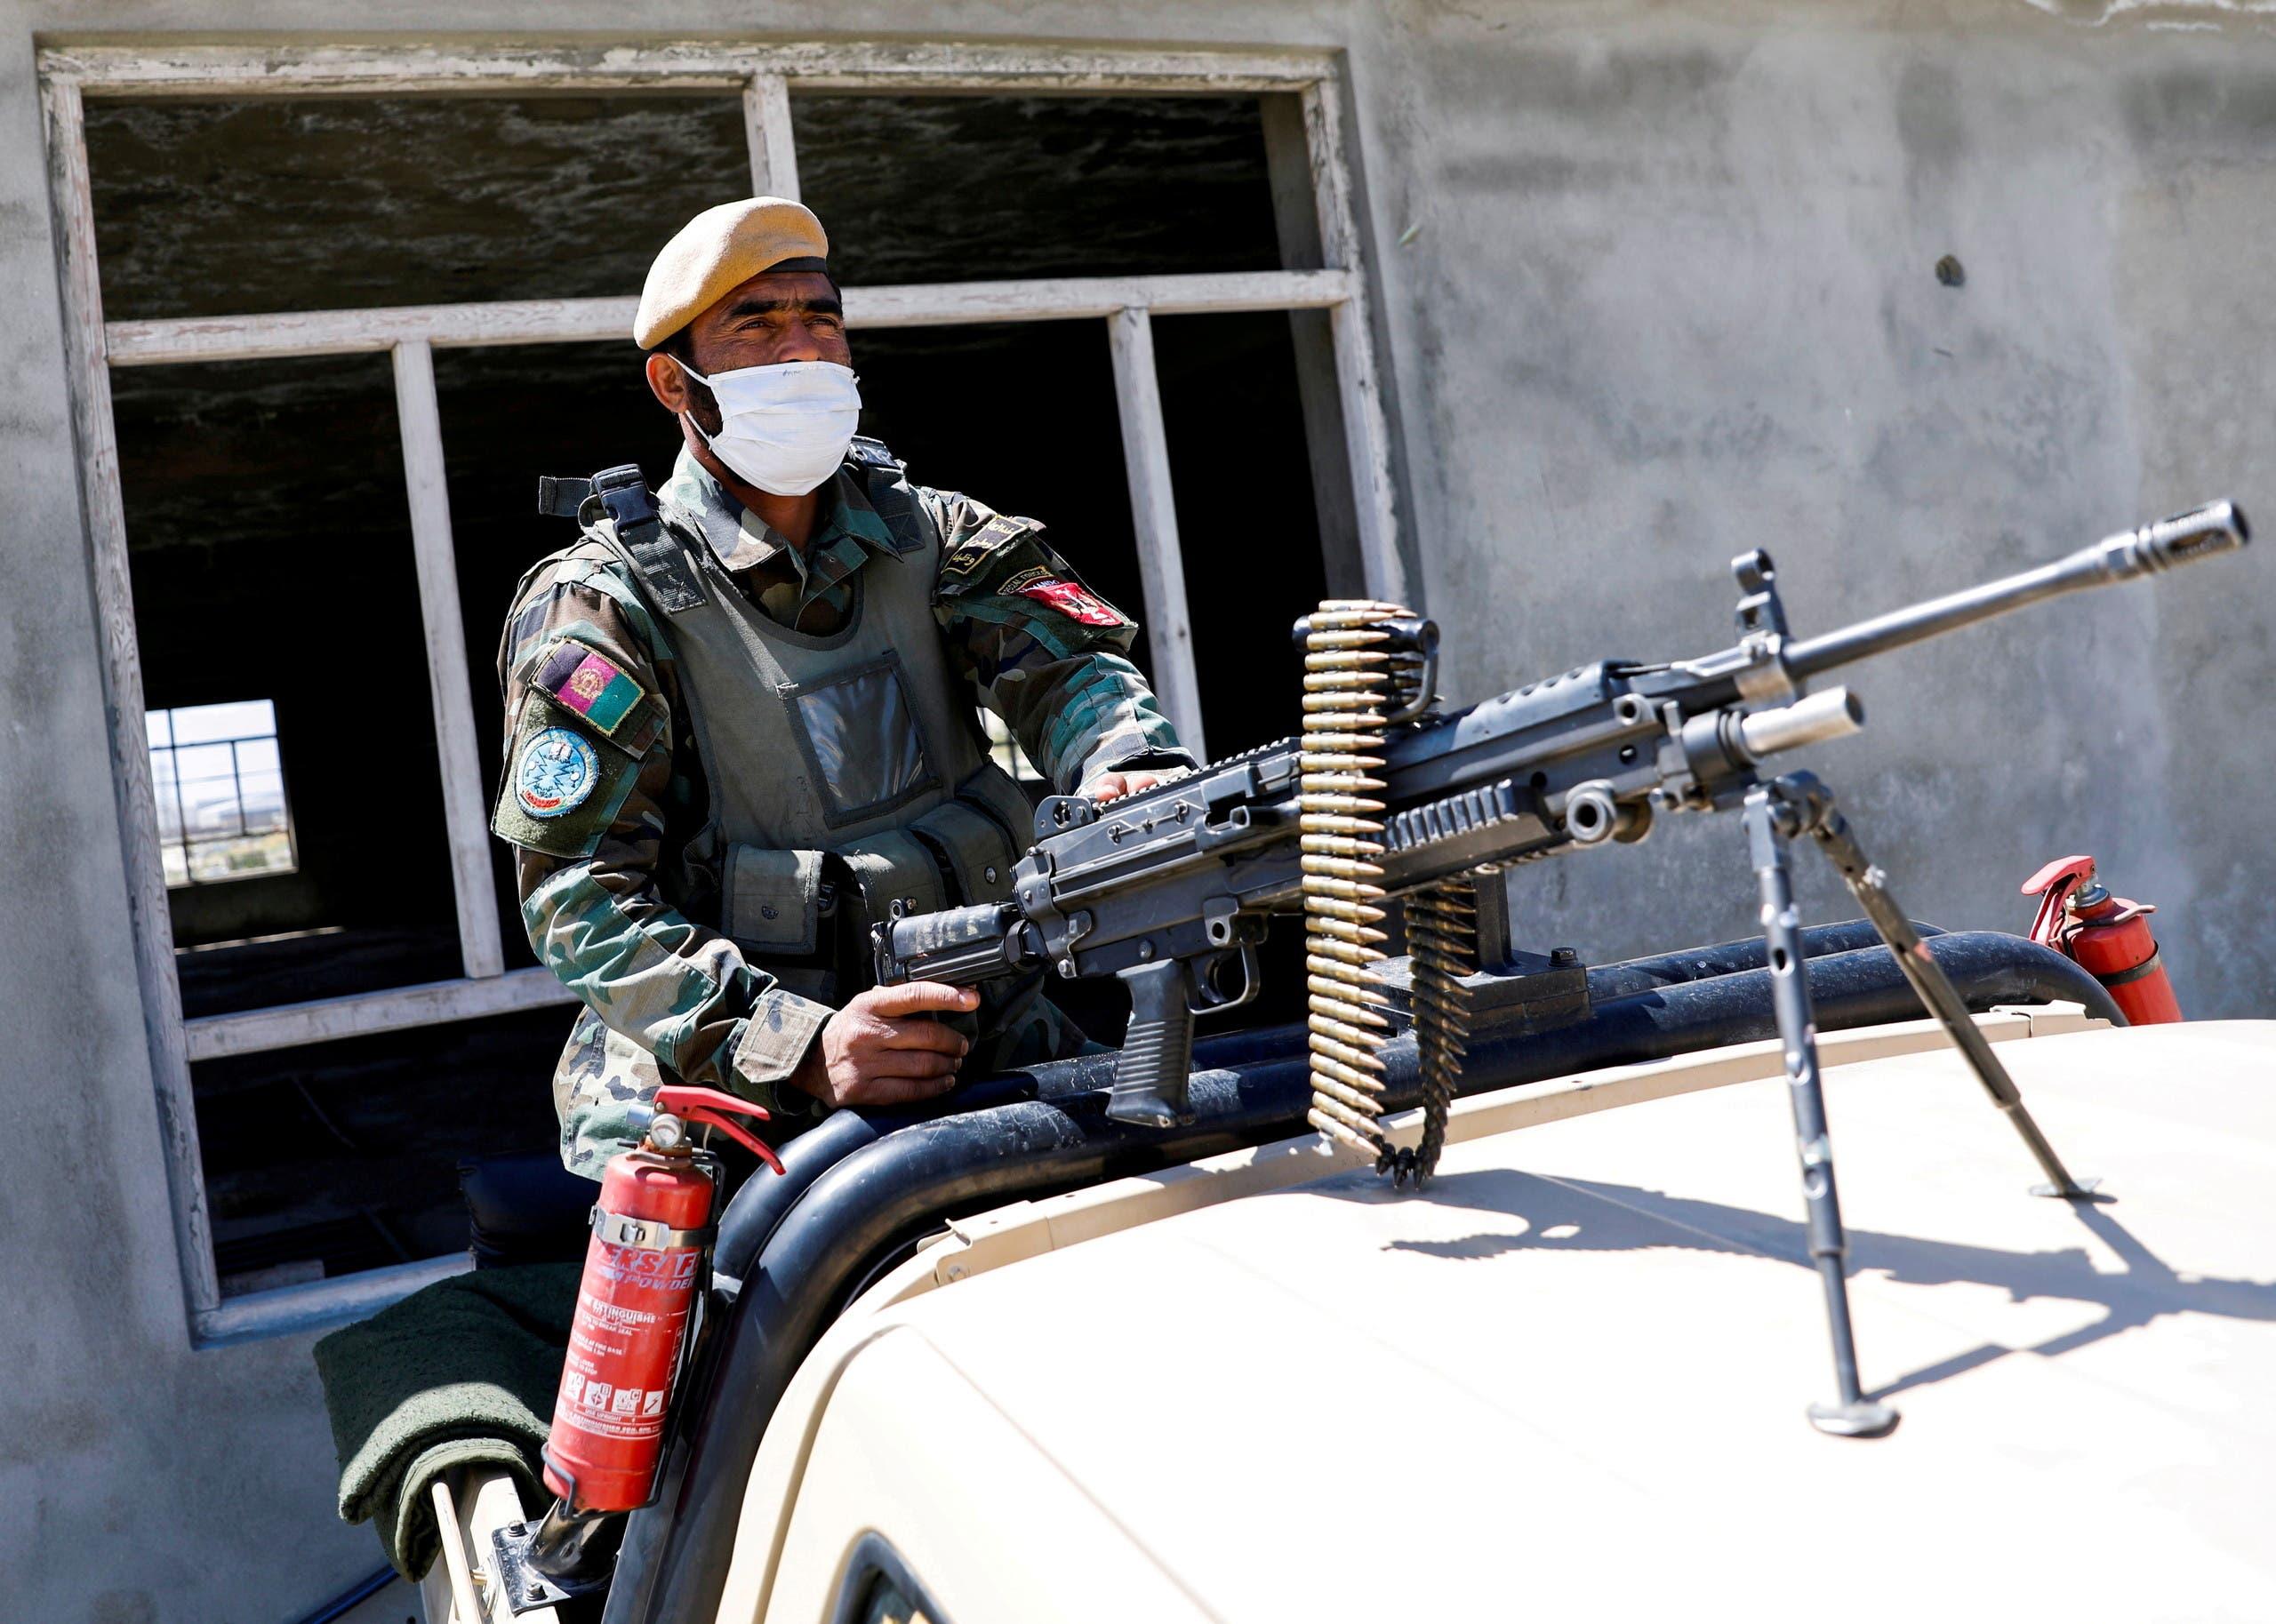 جندي من قوات الأمن الأفغانية (رويترز)